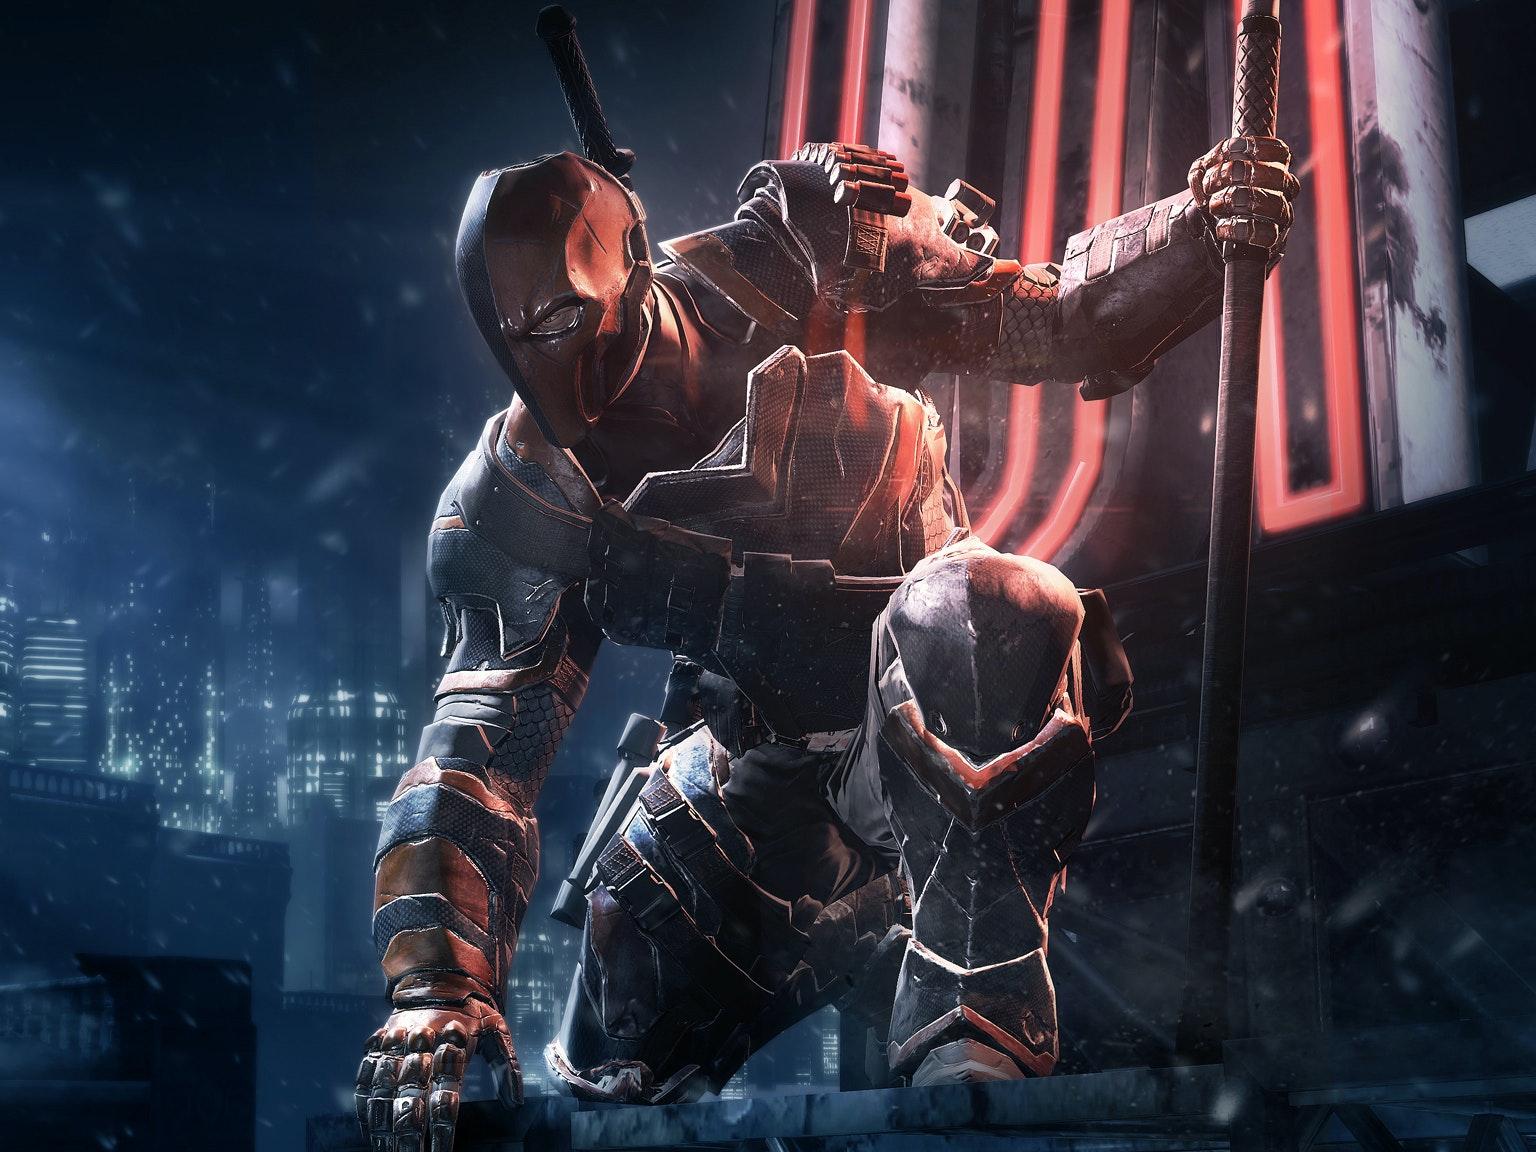 Deathstroke is Going to Kick Ben Affleck's Batman Ass